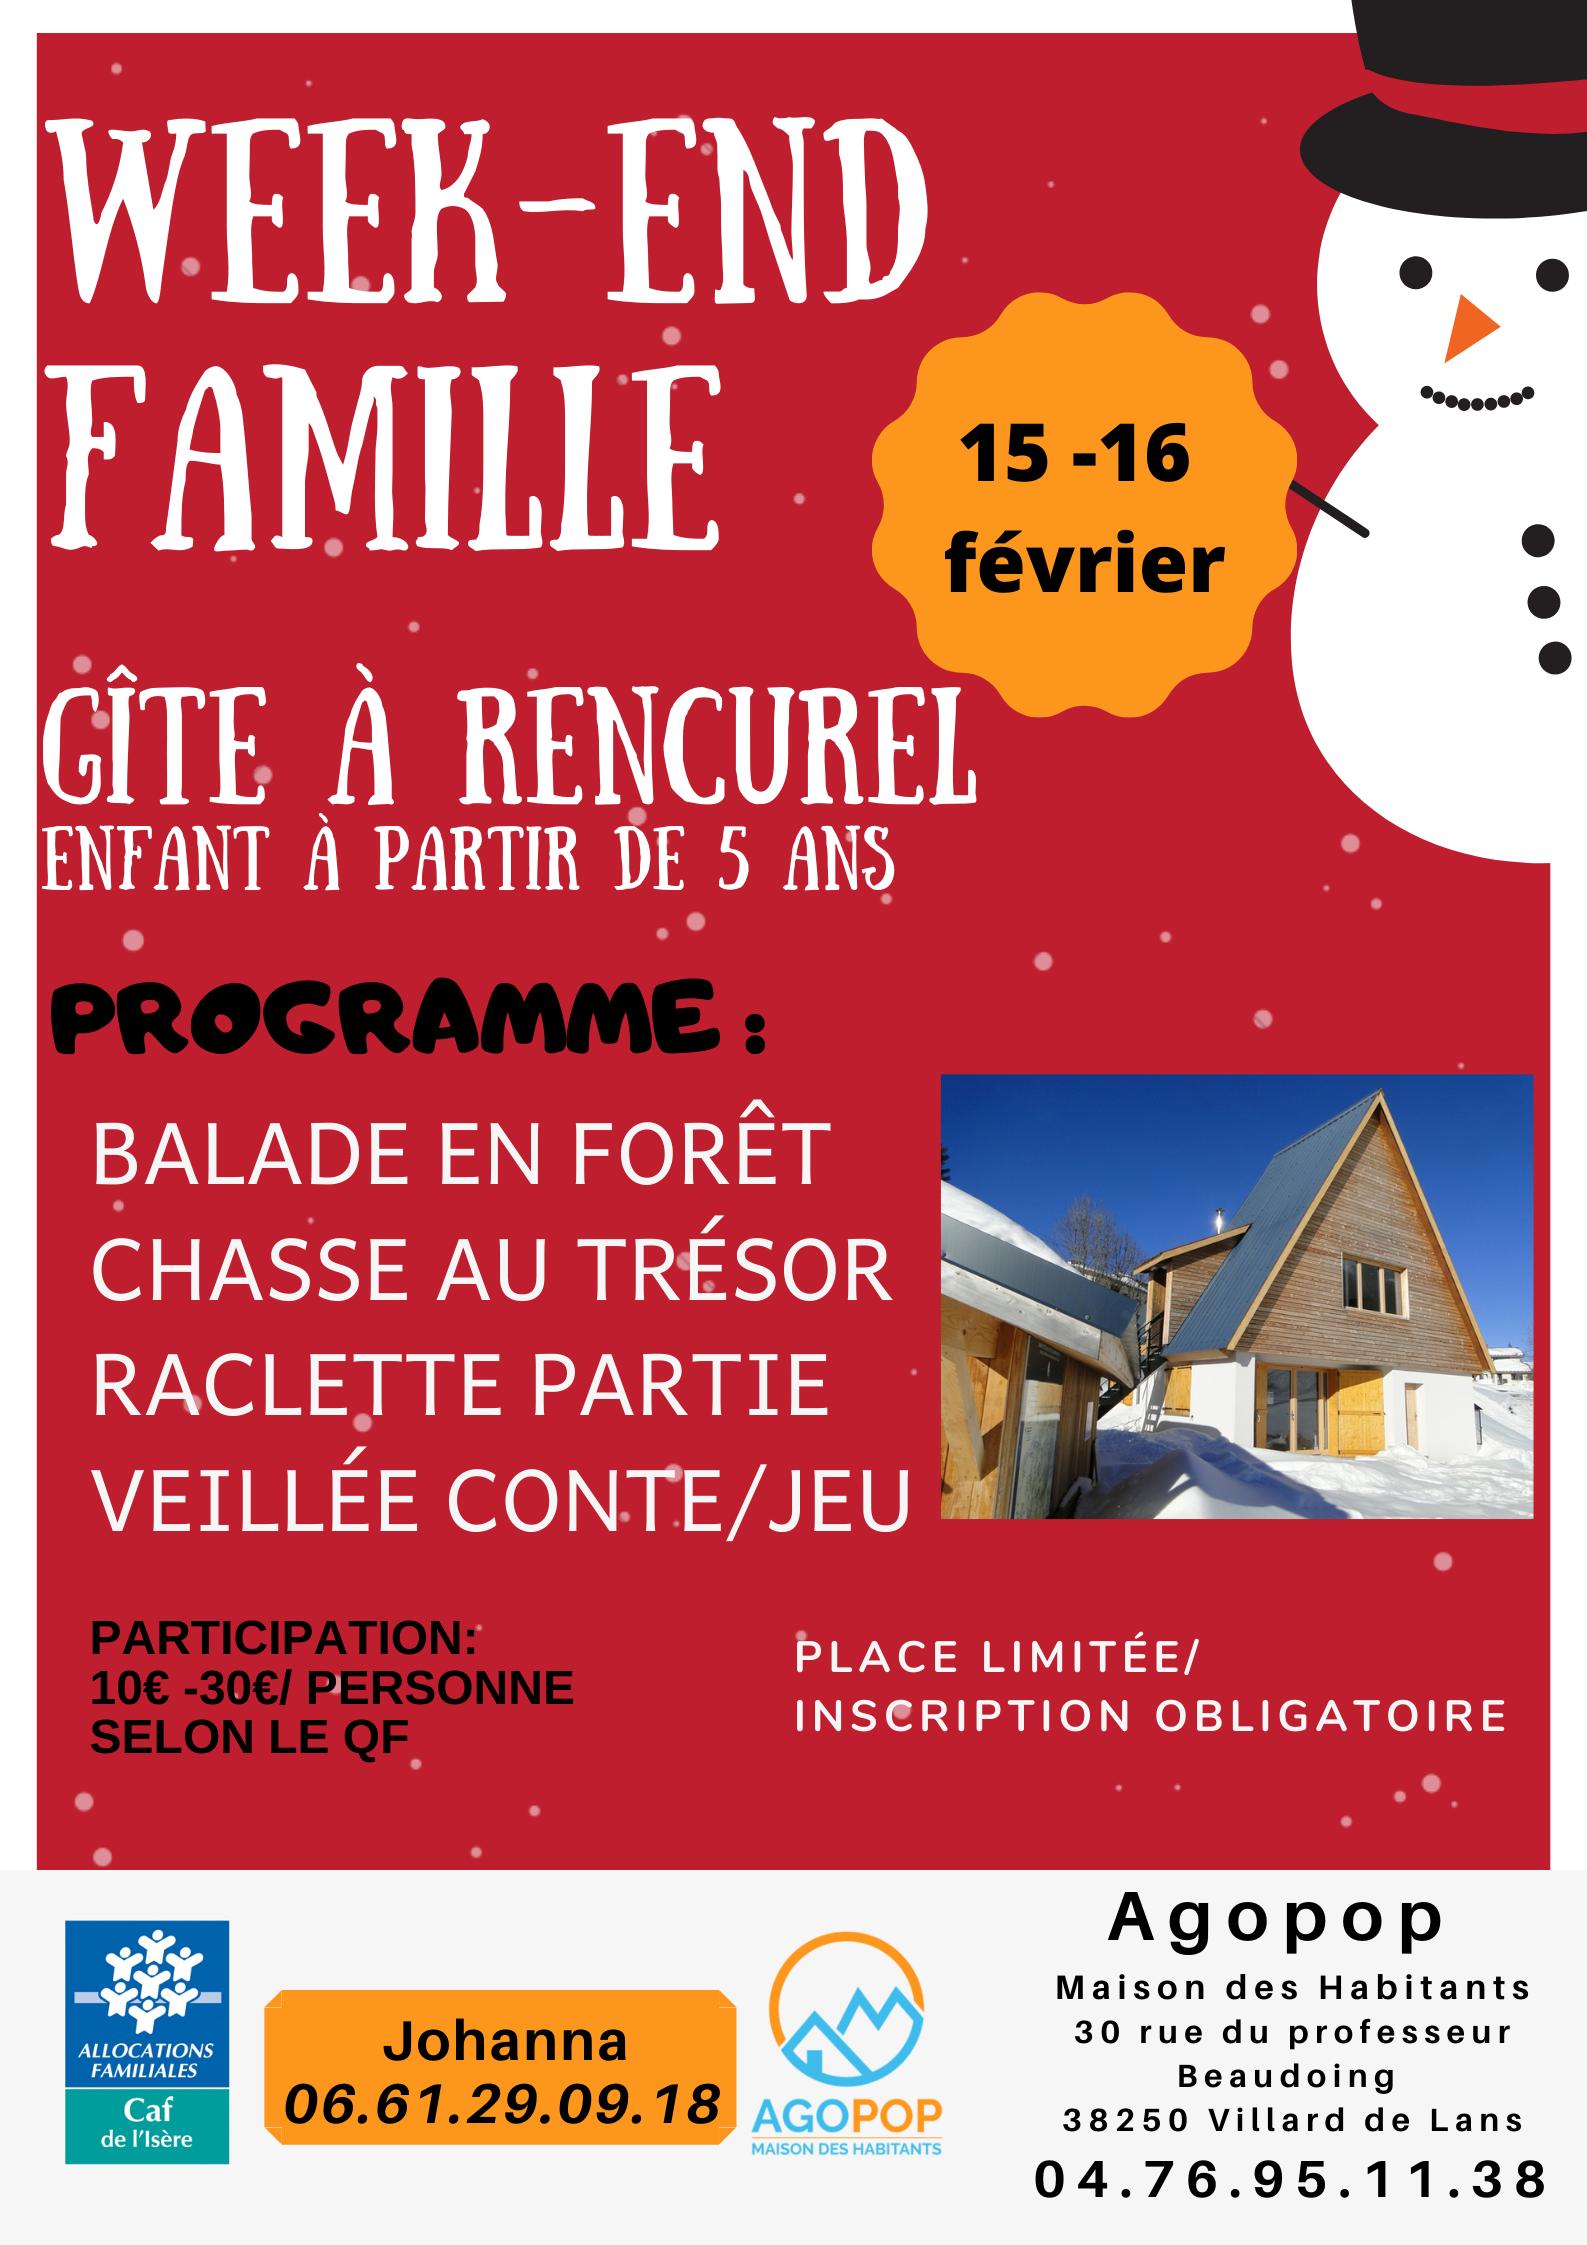 Week-end en famille dans les Coulmes, à Rencurel @ Rencurel, les Coulmes